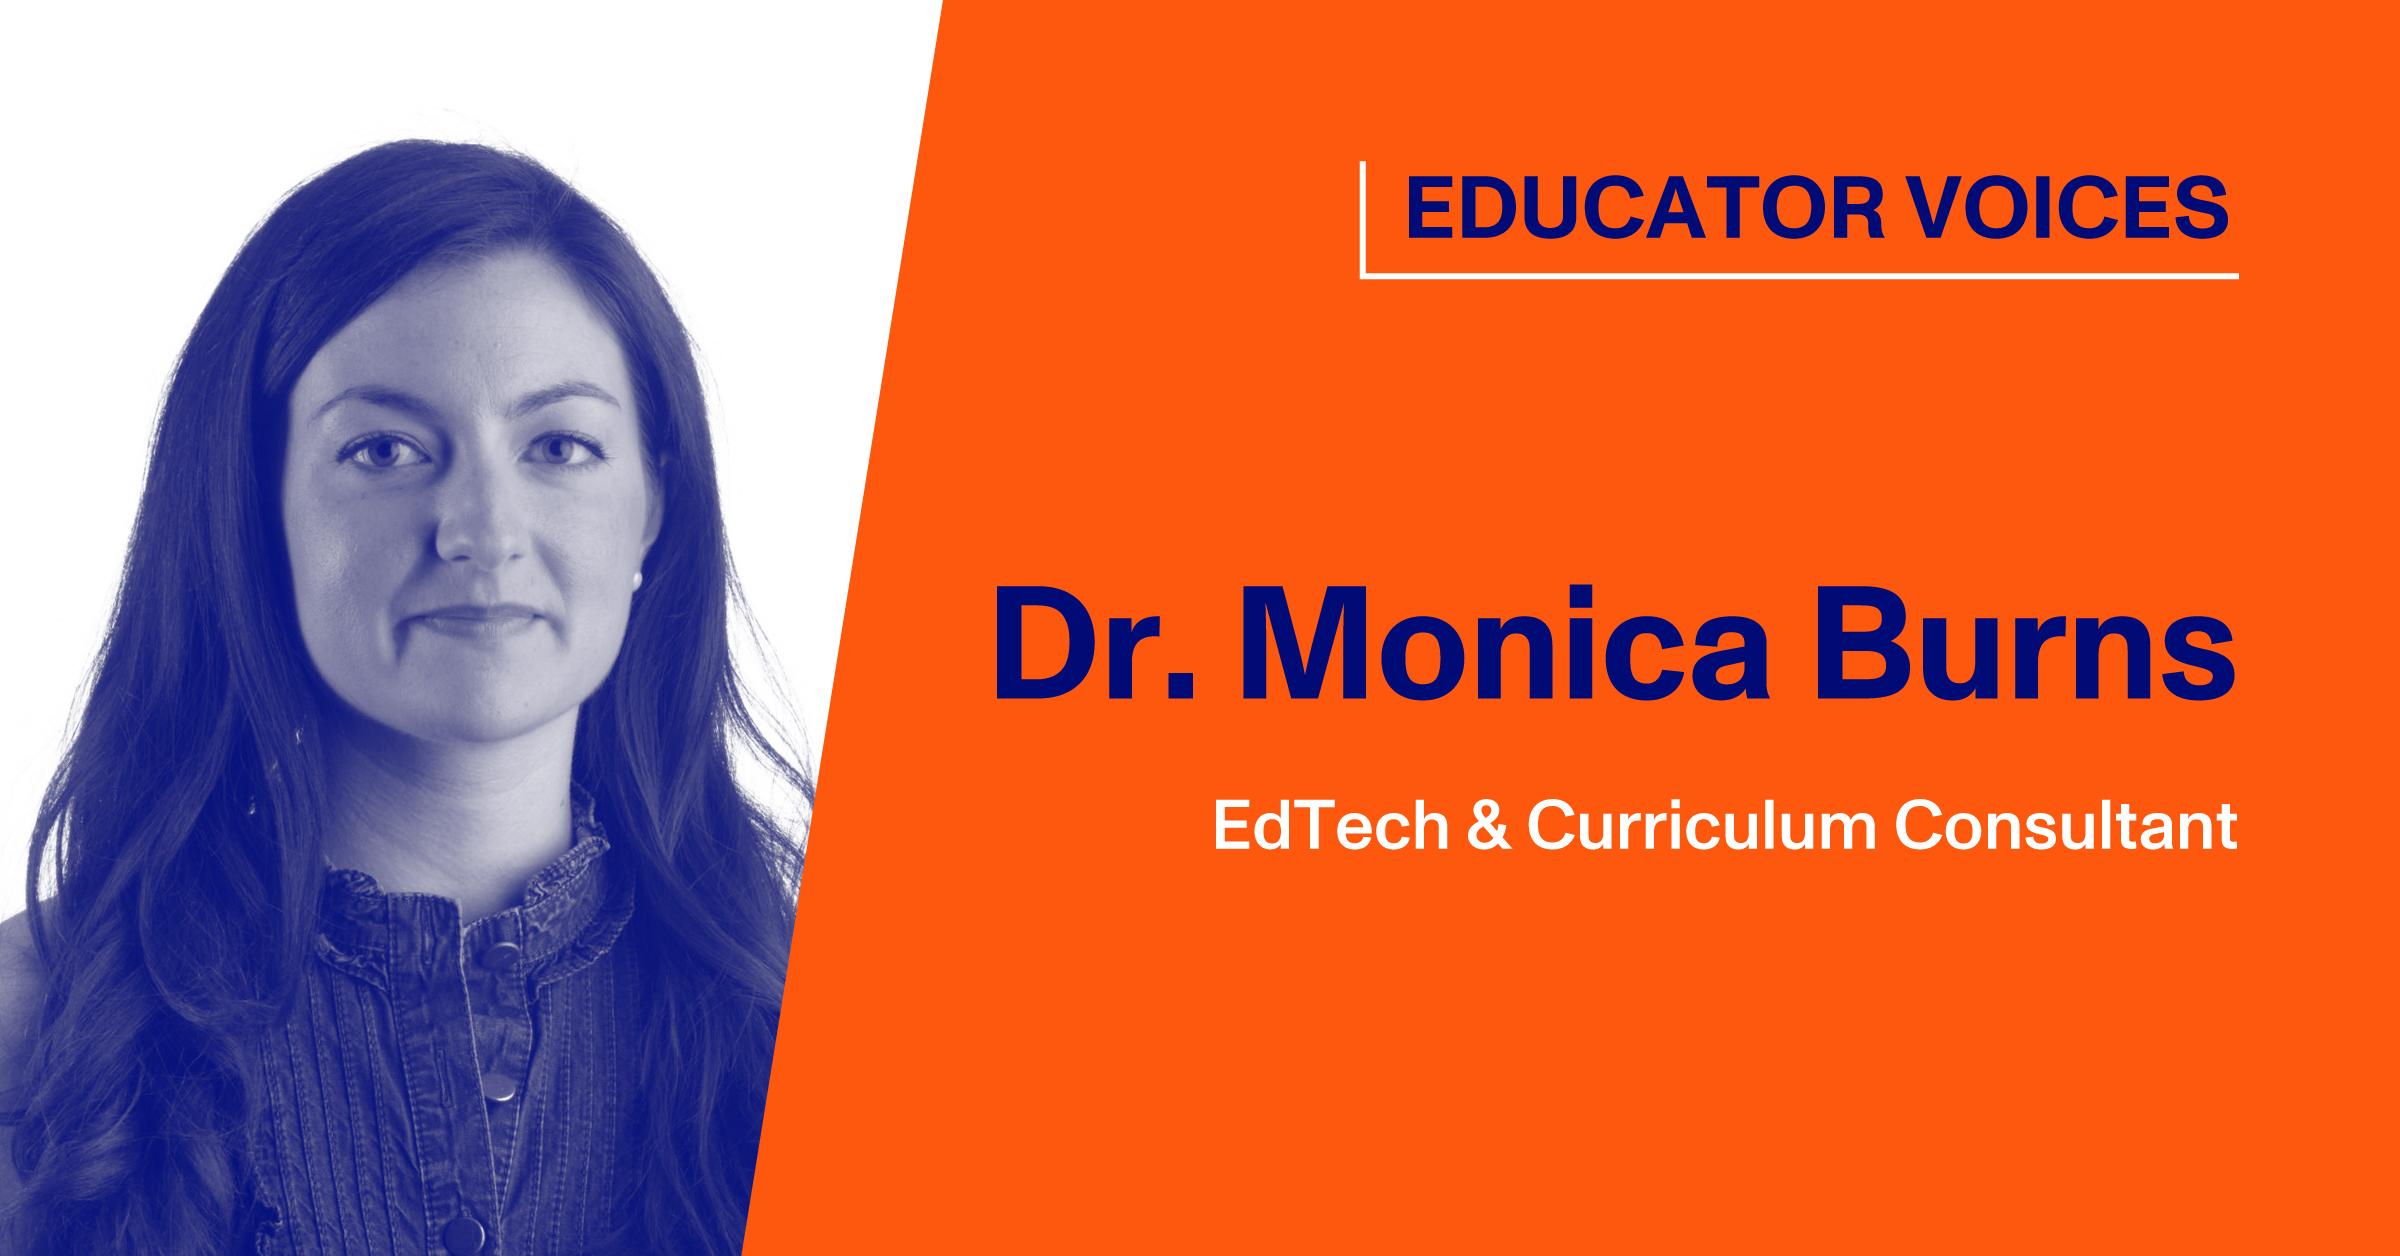 Dr. Monica Burns, EdTech & Curriculum Consultant